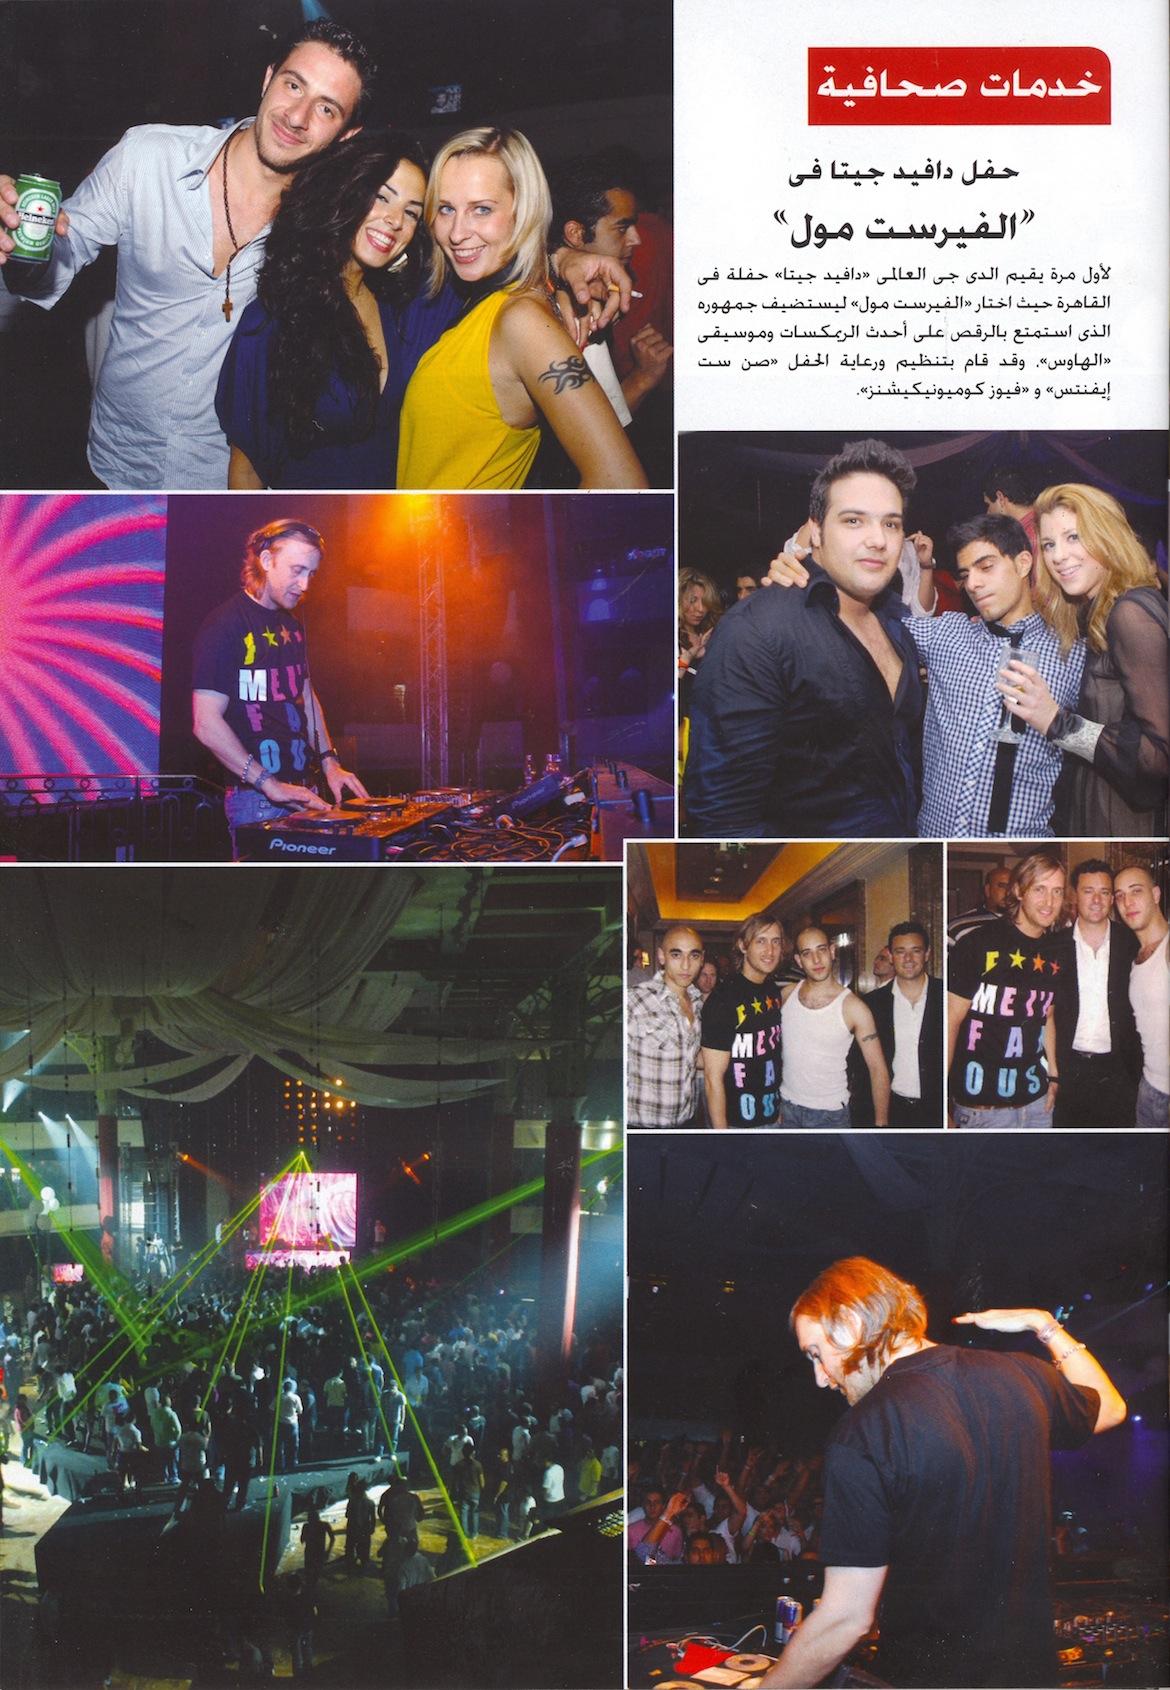 David Guetta in Flash mag